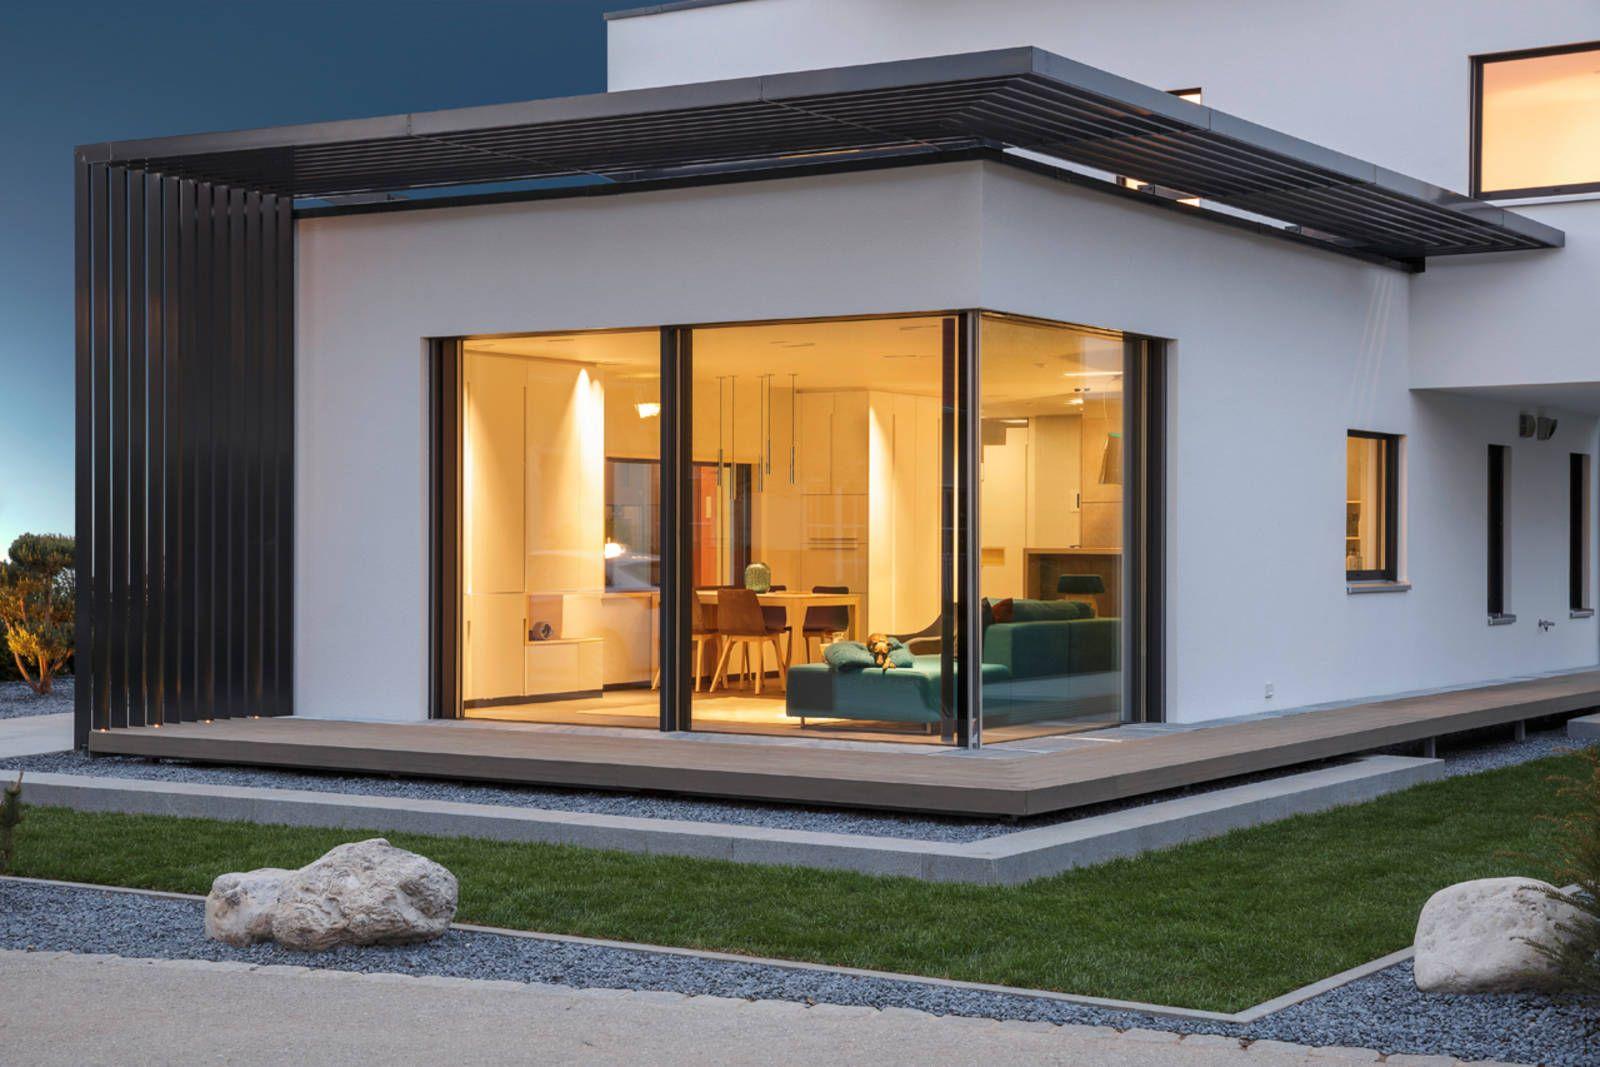 Moderne häuser satteldach  modernes haus satteldach - Google-Suche | häuser | Pinterest ...